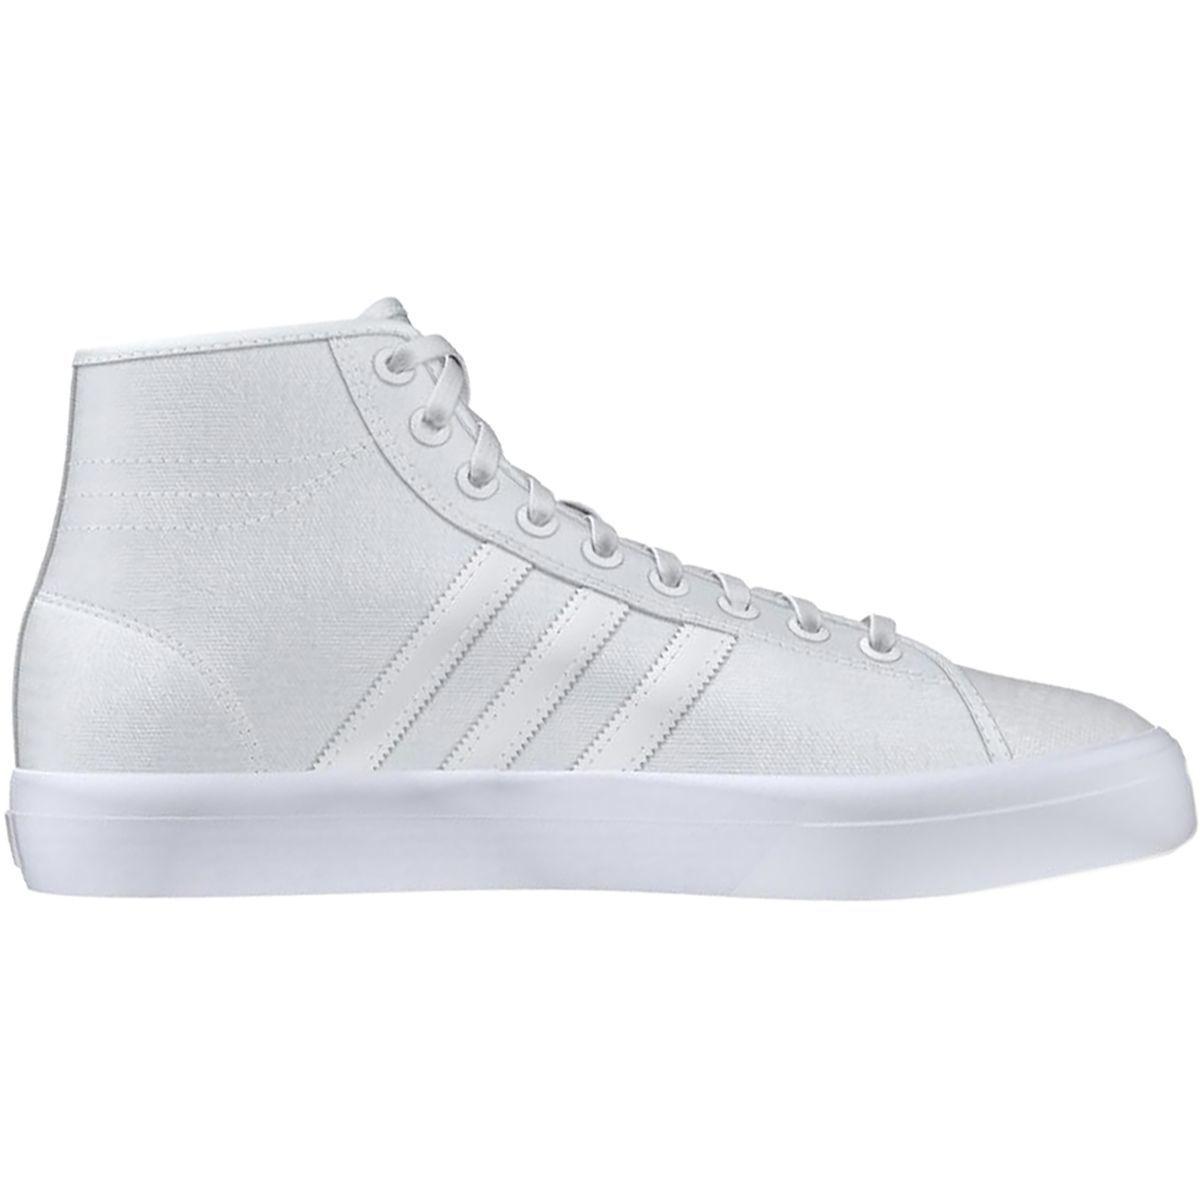 adidas matchcourt high rx white